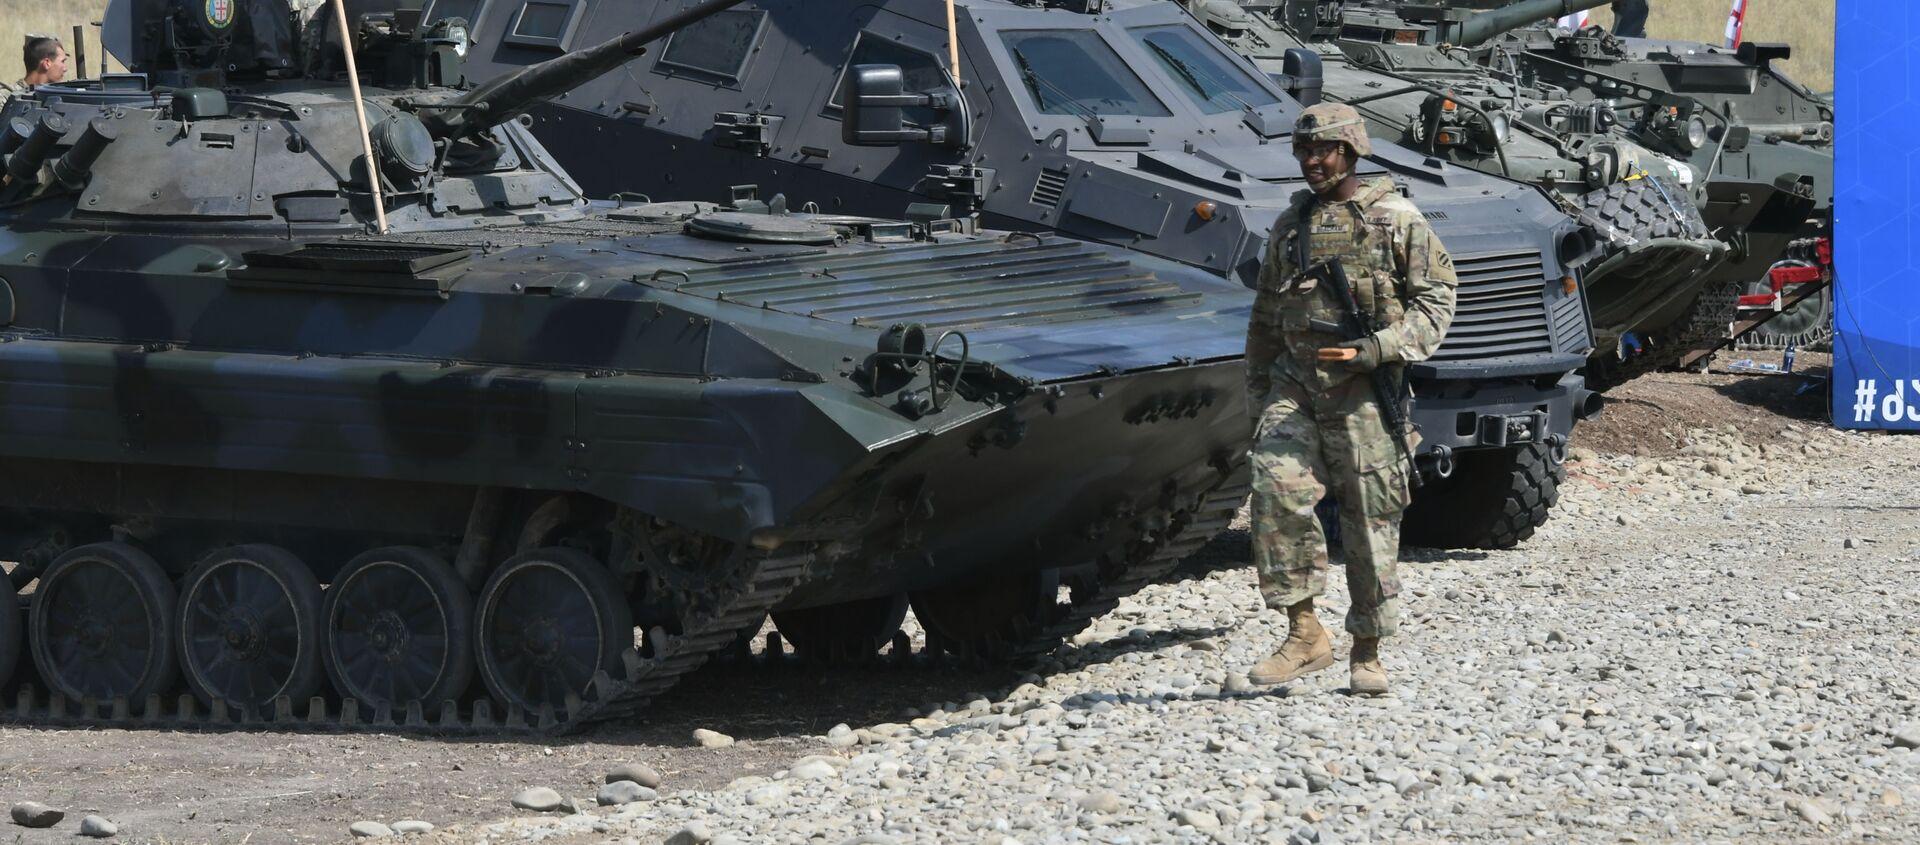 Международные военные учения НАТО Надежный партнер - 2020 (Noble Partner 2020). Церемония закрытия - Sputnik Грузия, 1920, 21.01.2021